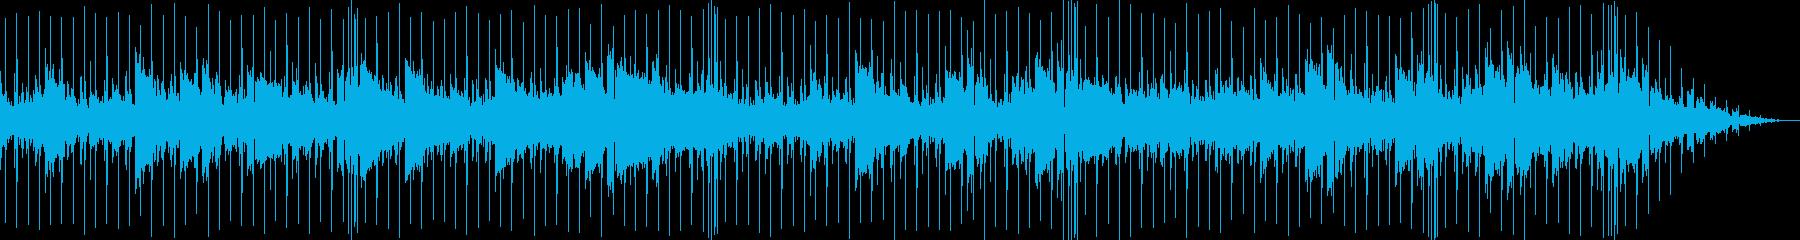 美しく透明で幻想的なチルアウトBGMの再生済みの波形